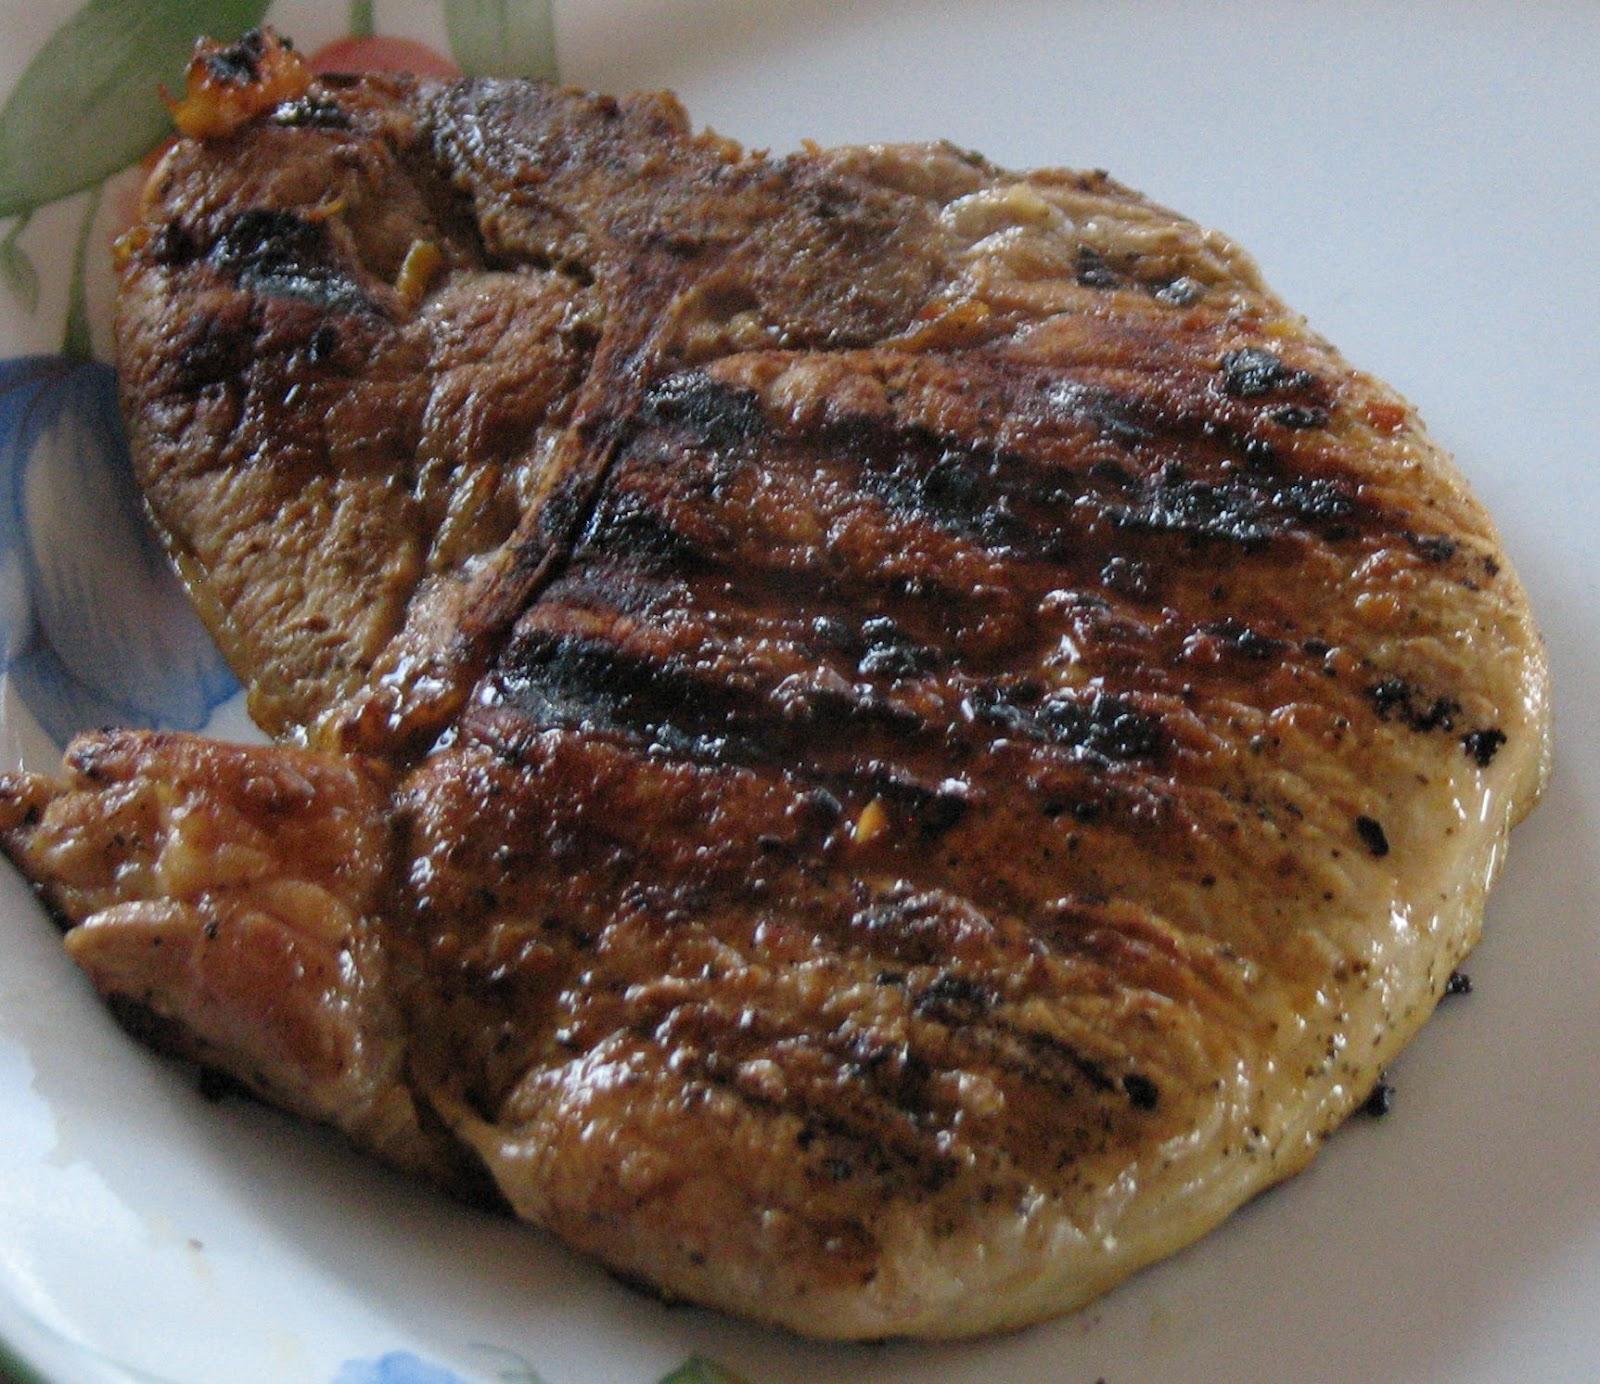 LAKENVELDER FOOD BLOG: Marinated Orange Pork Chops- DASH Diet